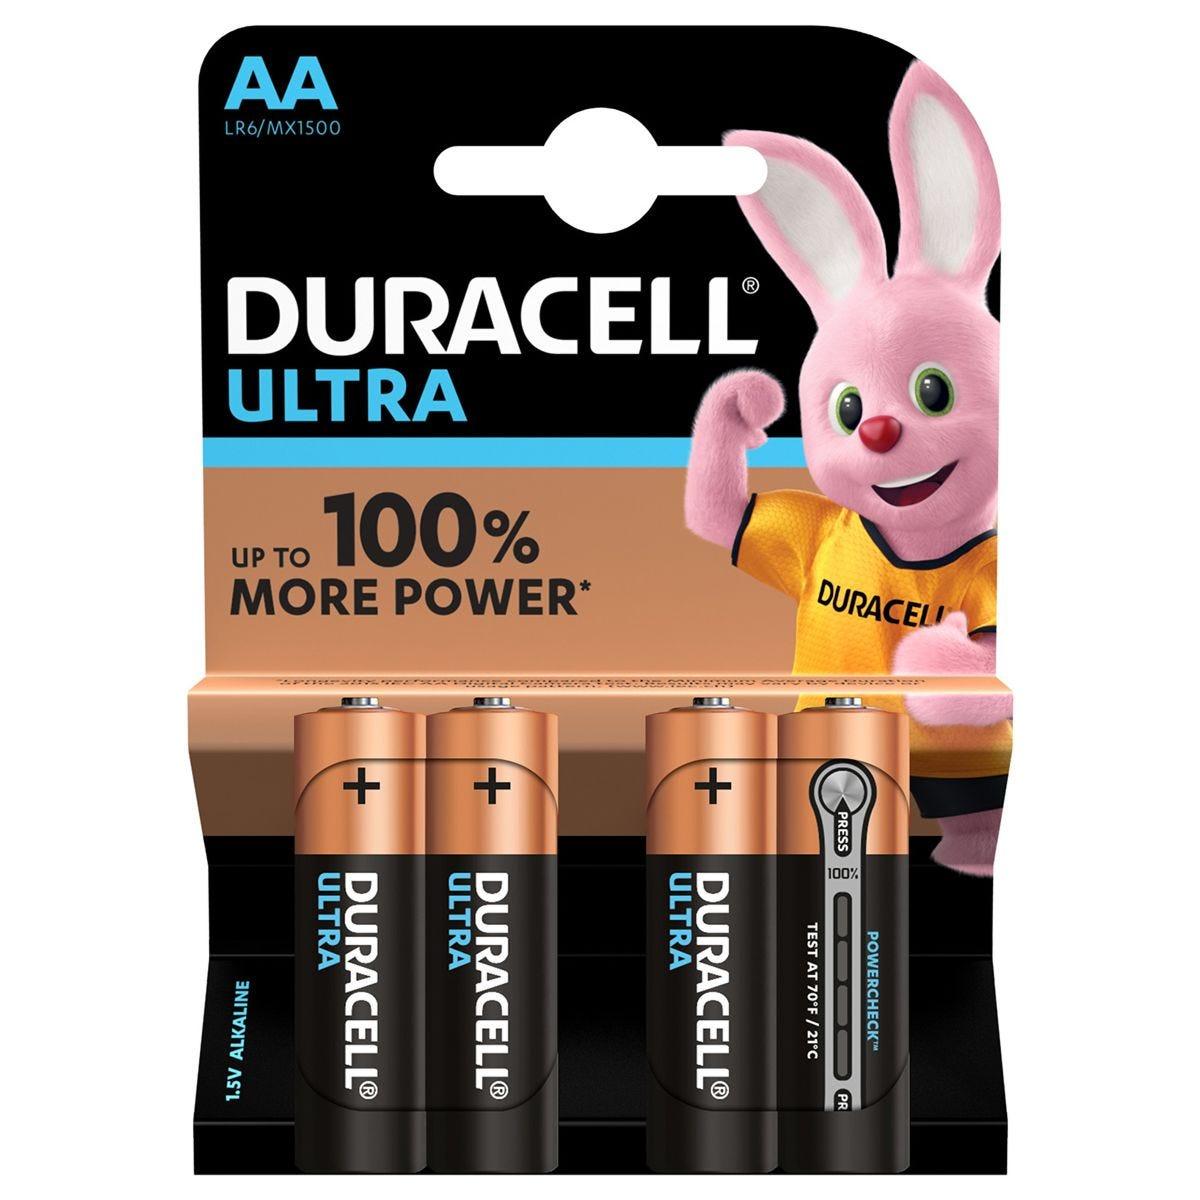 Duracell Ultra Power AA Batteries 4 Pack